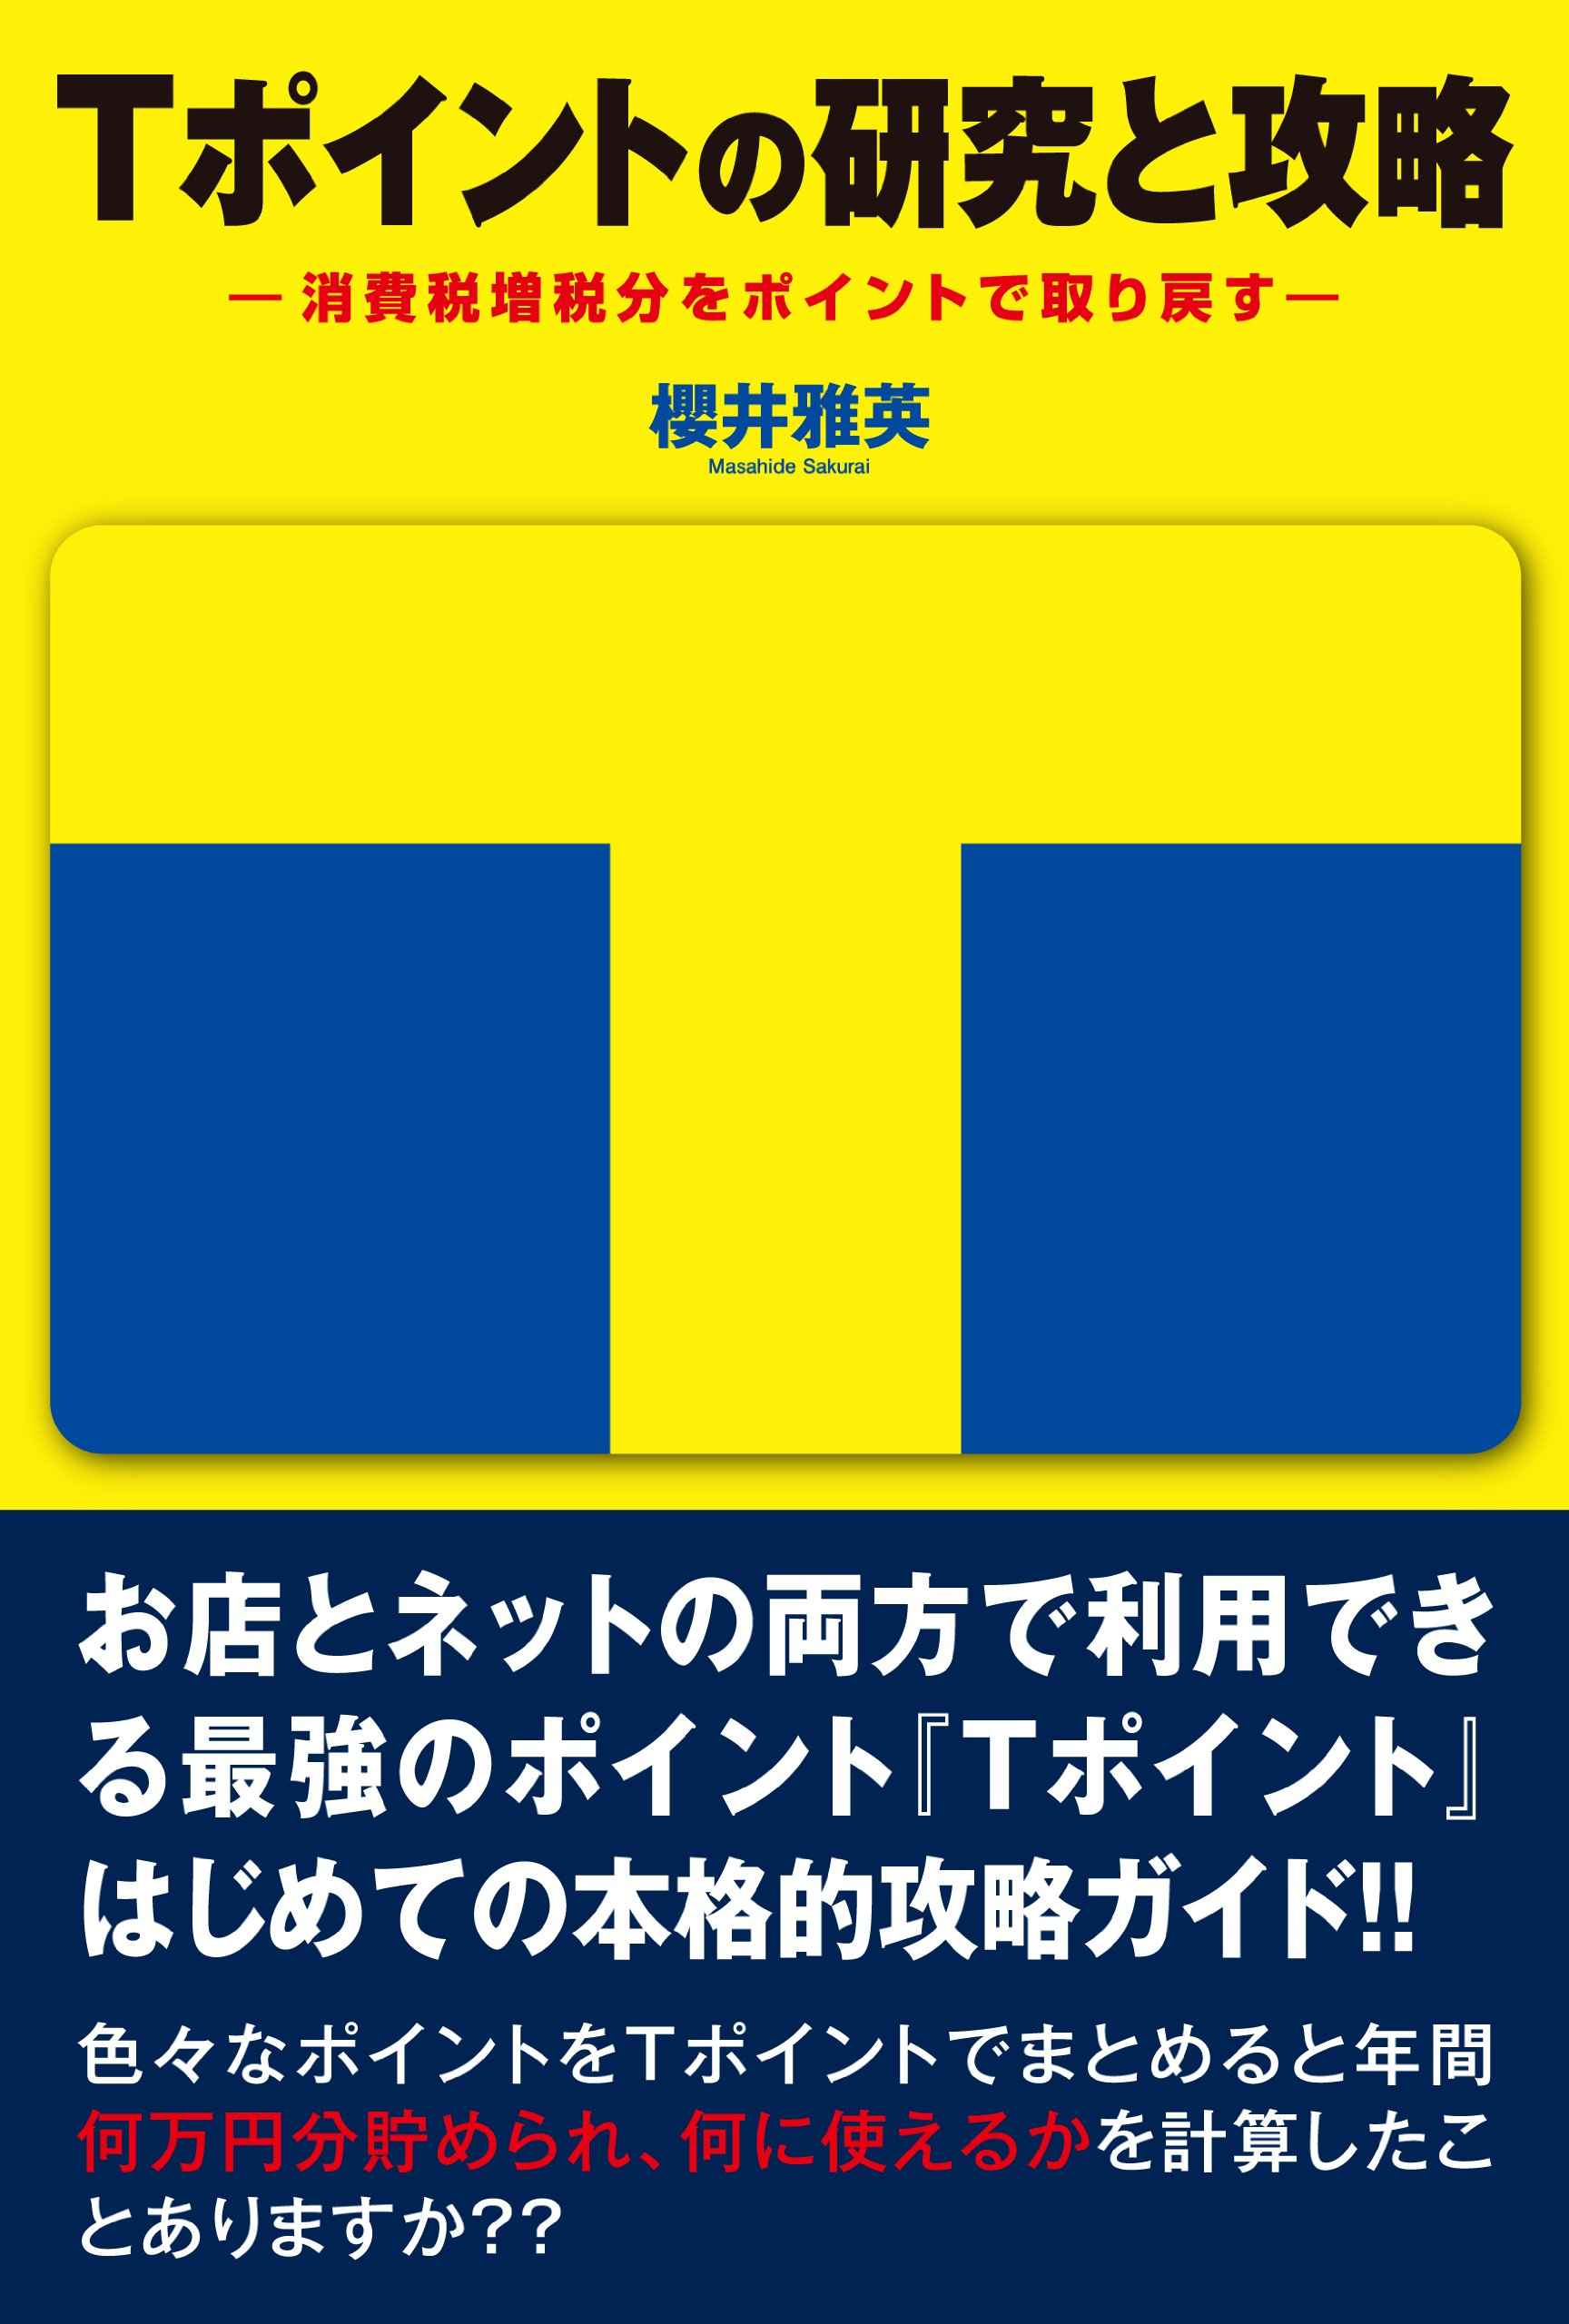 Tポイントの研究と攻略-消費税増税分をポイントで取り戻す-櫻井 雅英 (著)